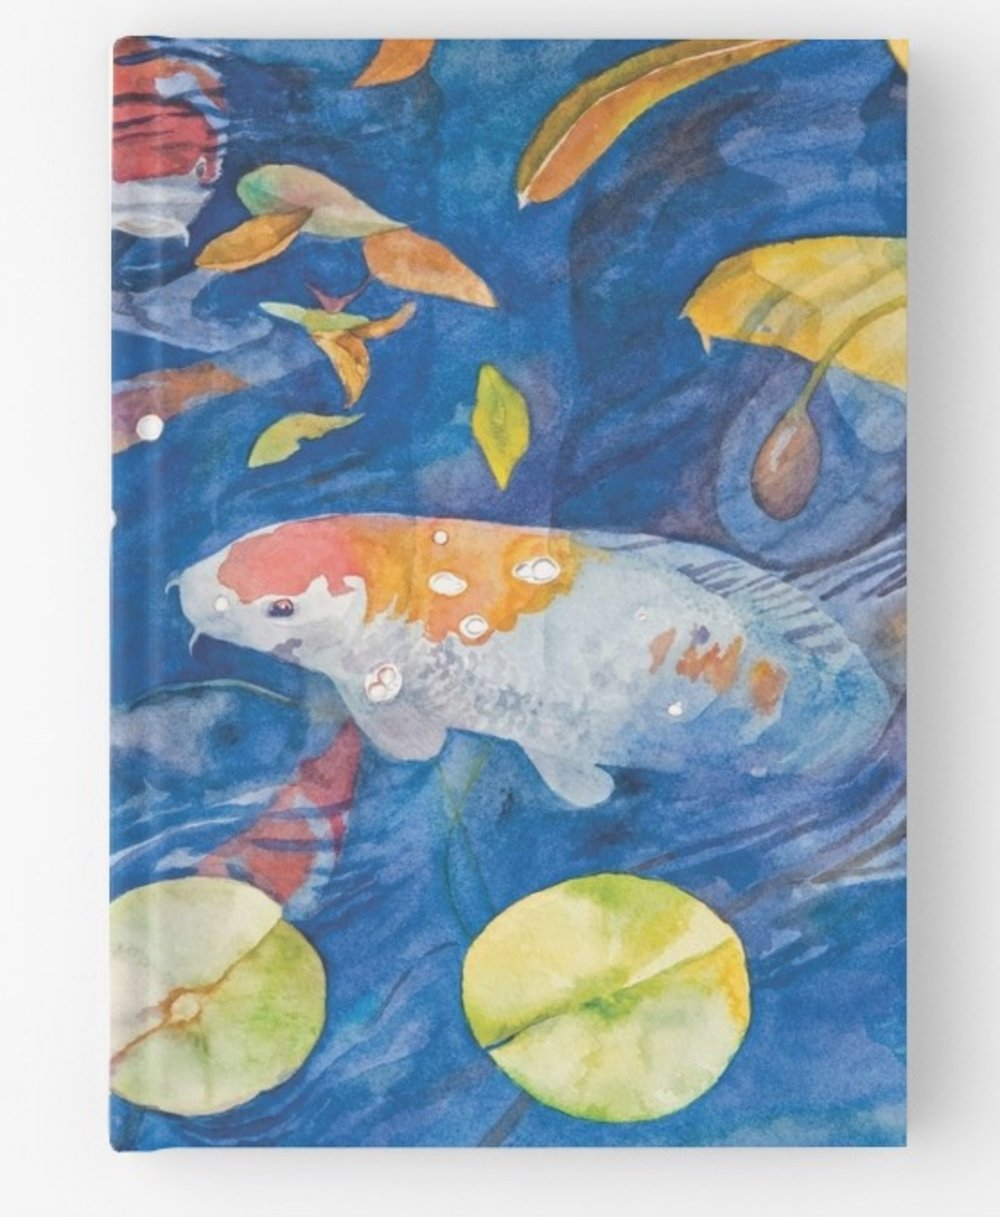 Kodama-Koi-Pond-Hardcover-Journal.jpeg